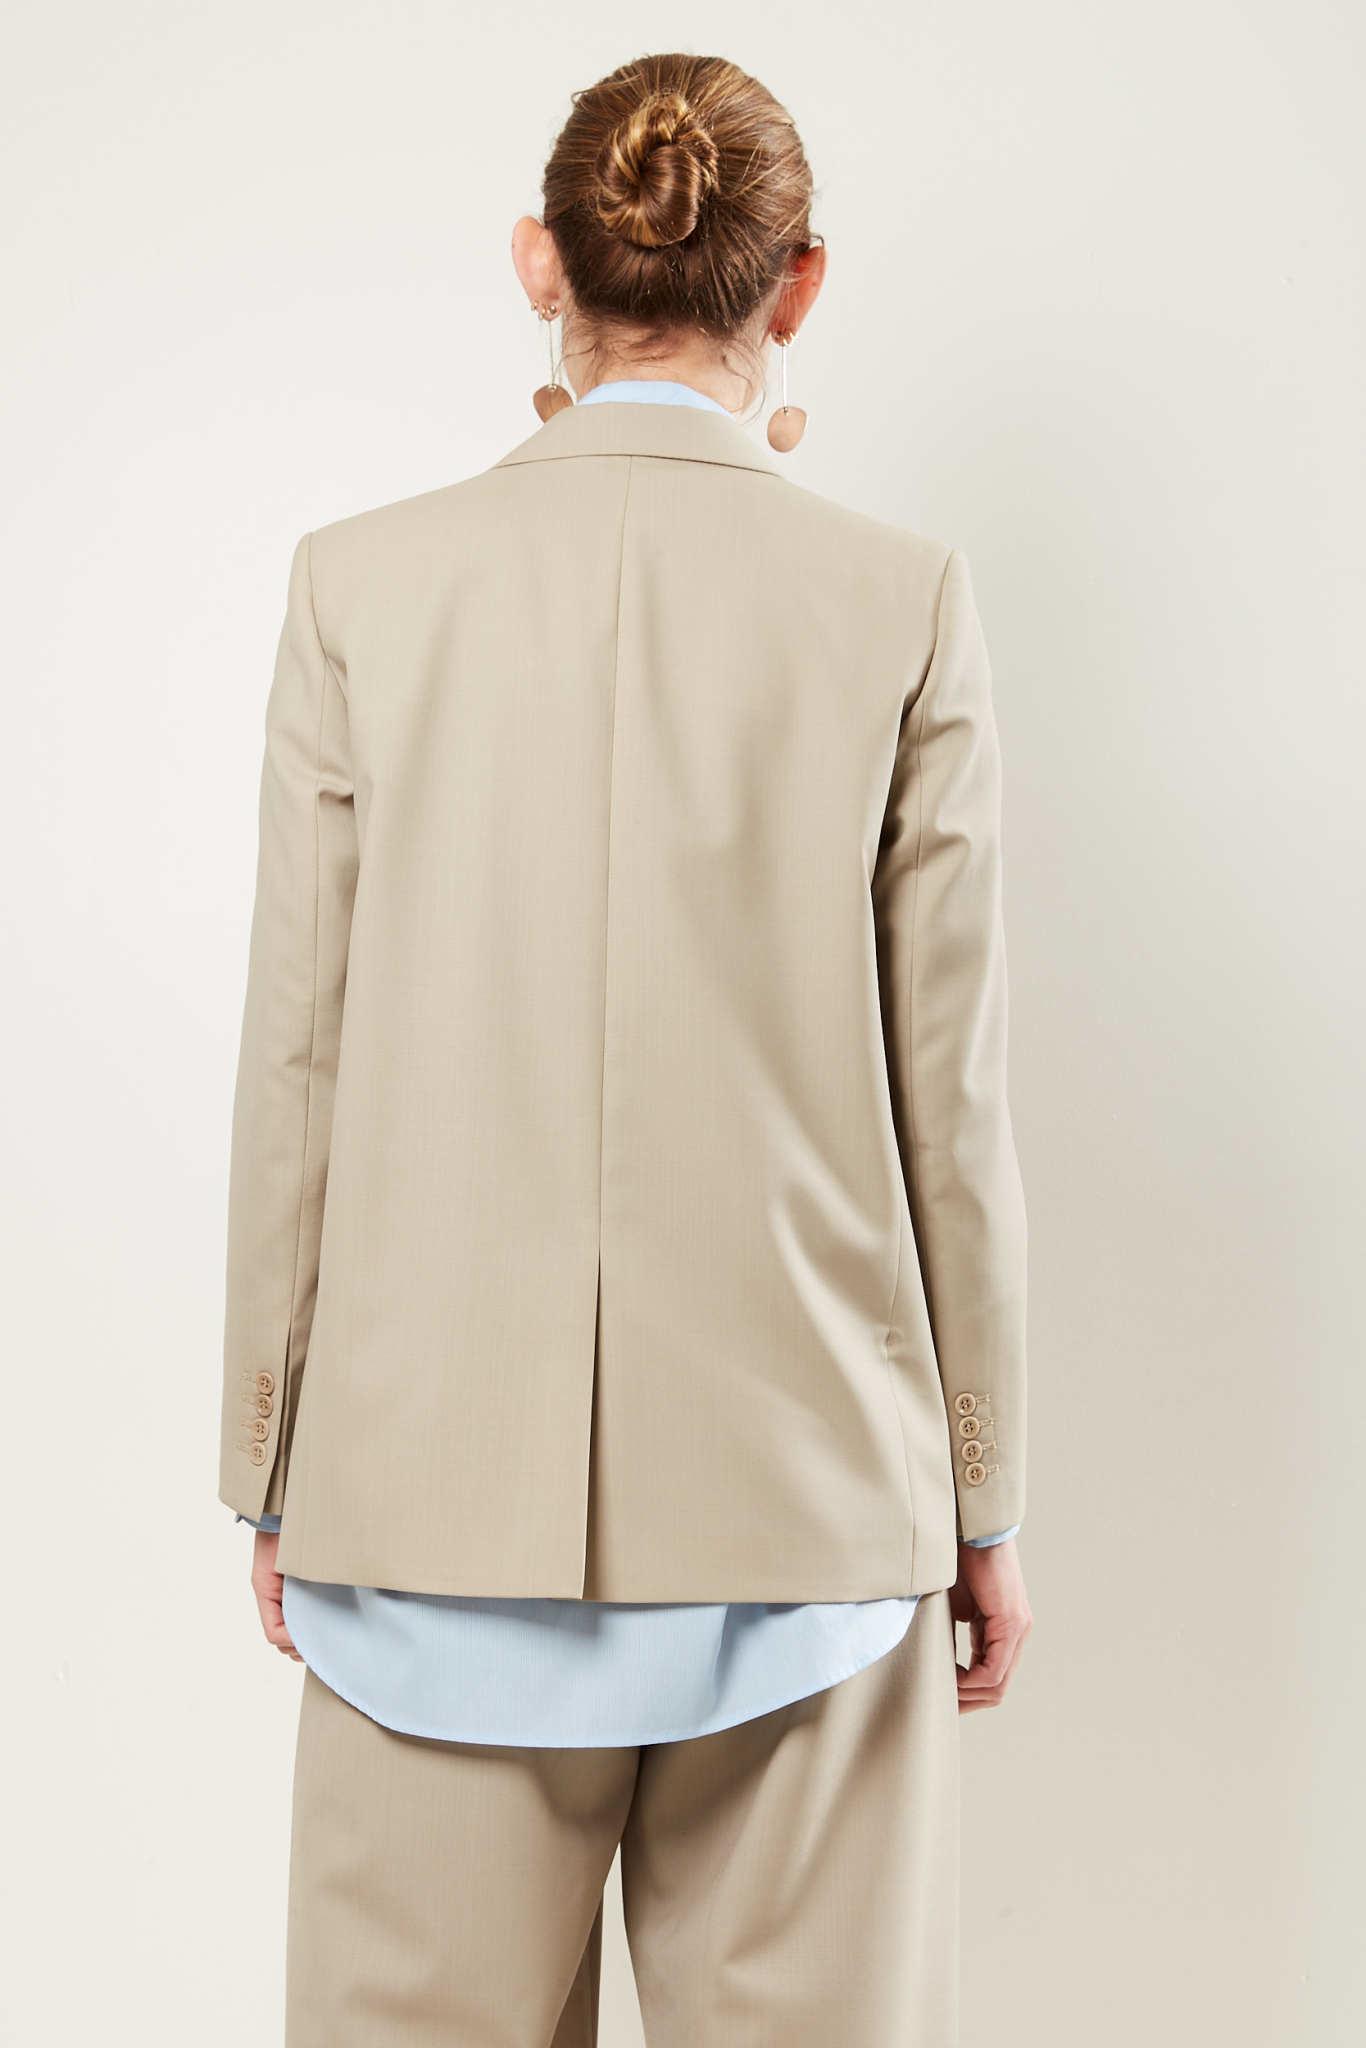 inDRESS - English wool jacket